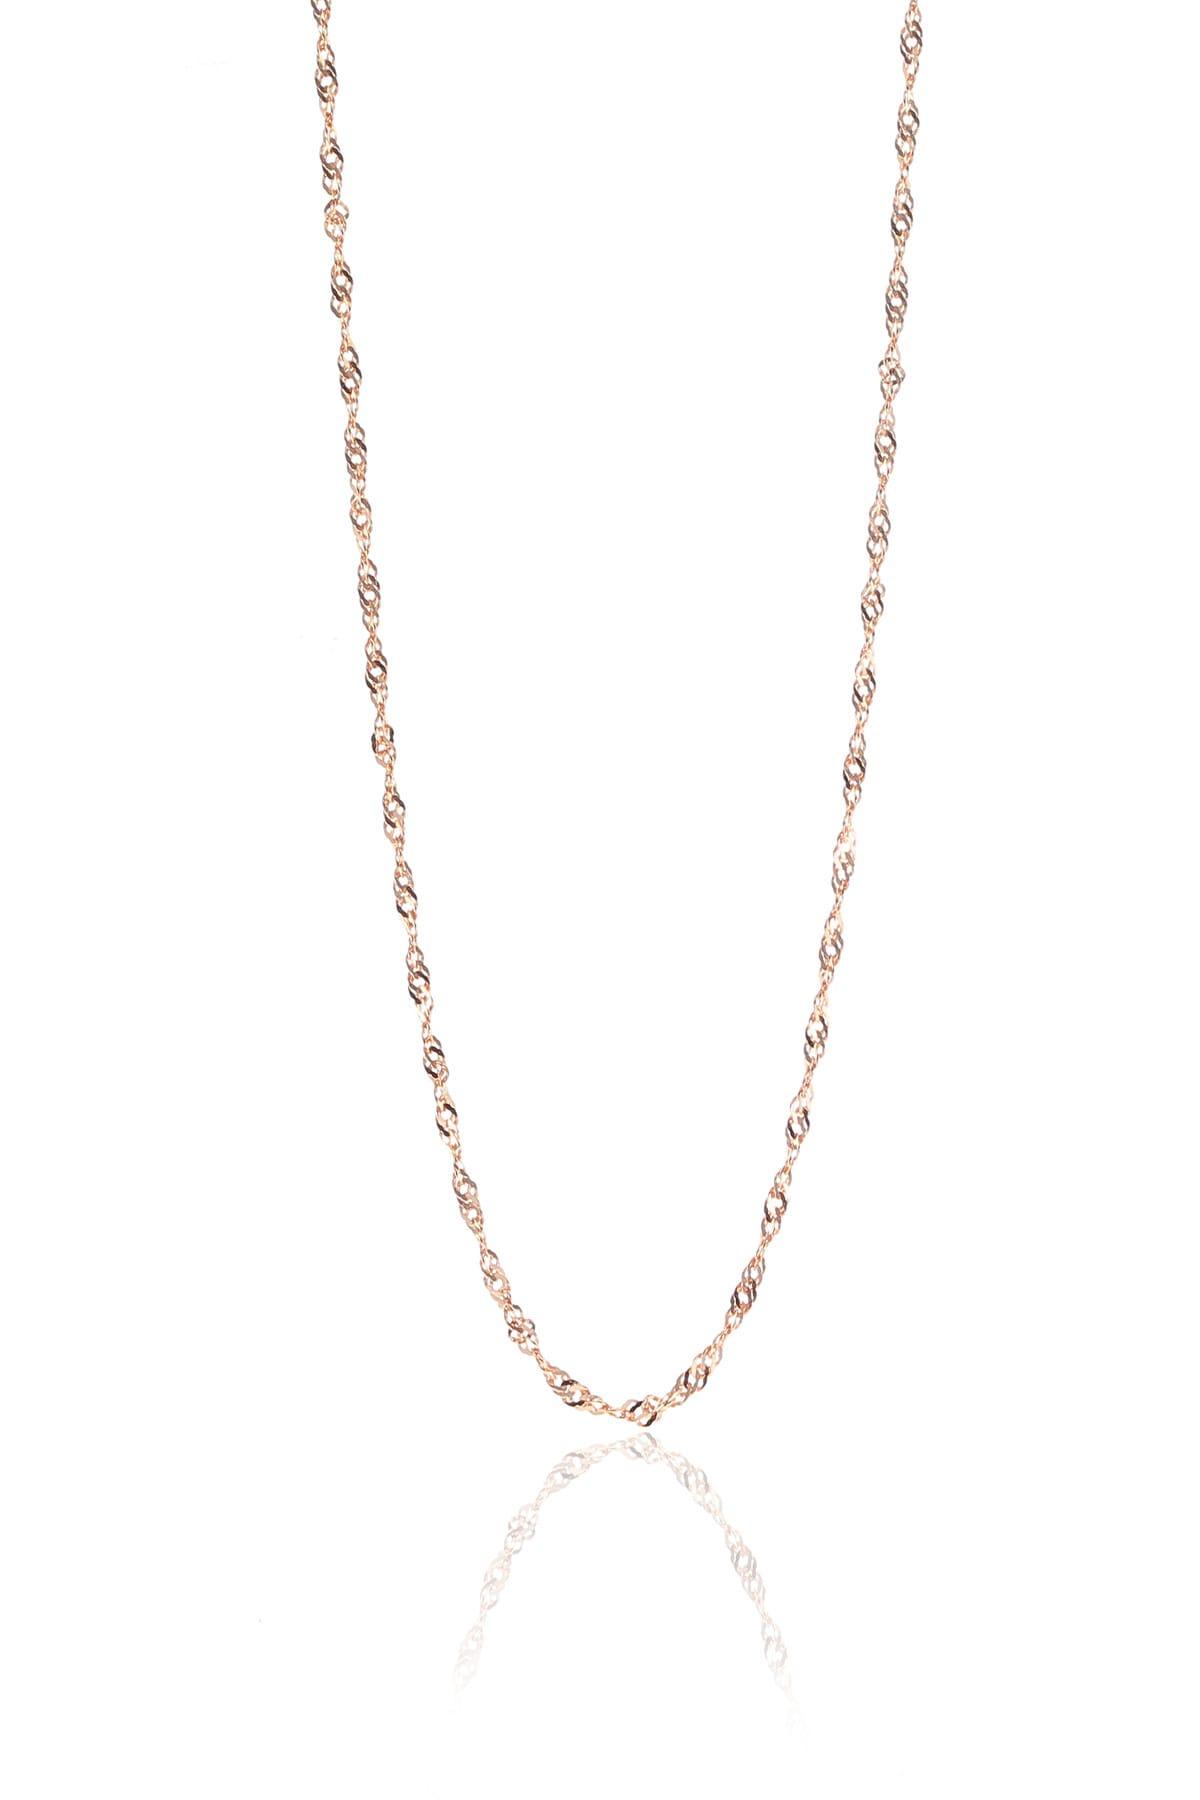 Söğütlü Silver Kadın Gümüş Rose Singapur Modeli 60 Cm Zincir SGTL8936 1